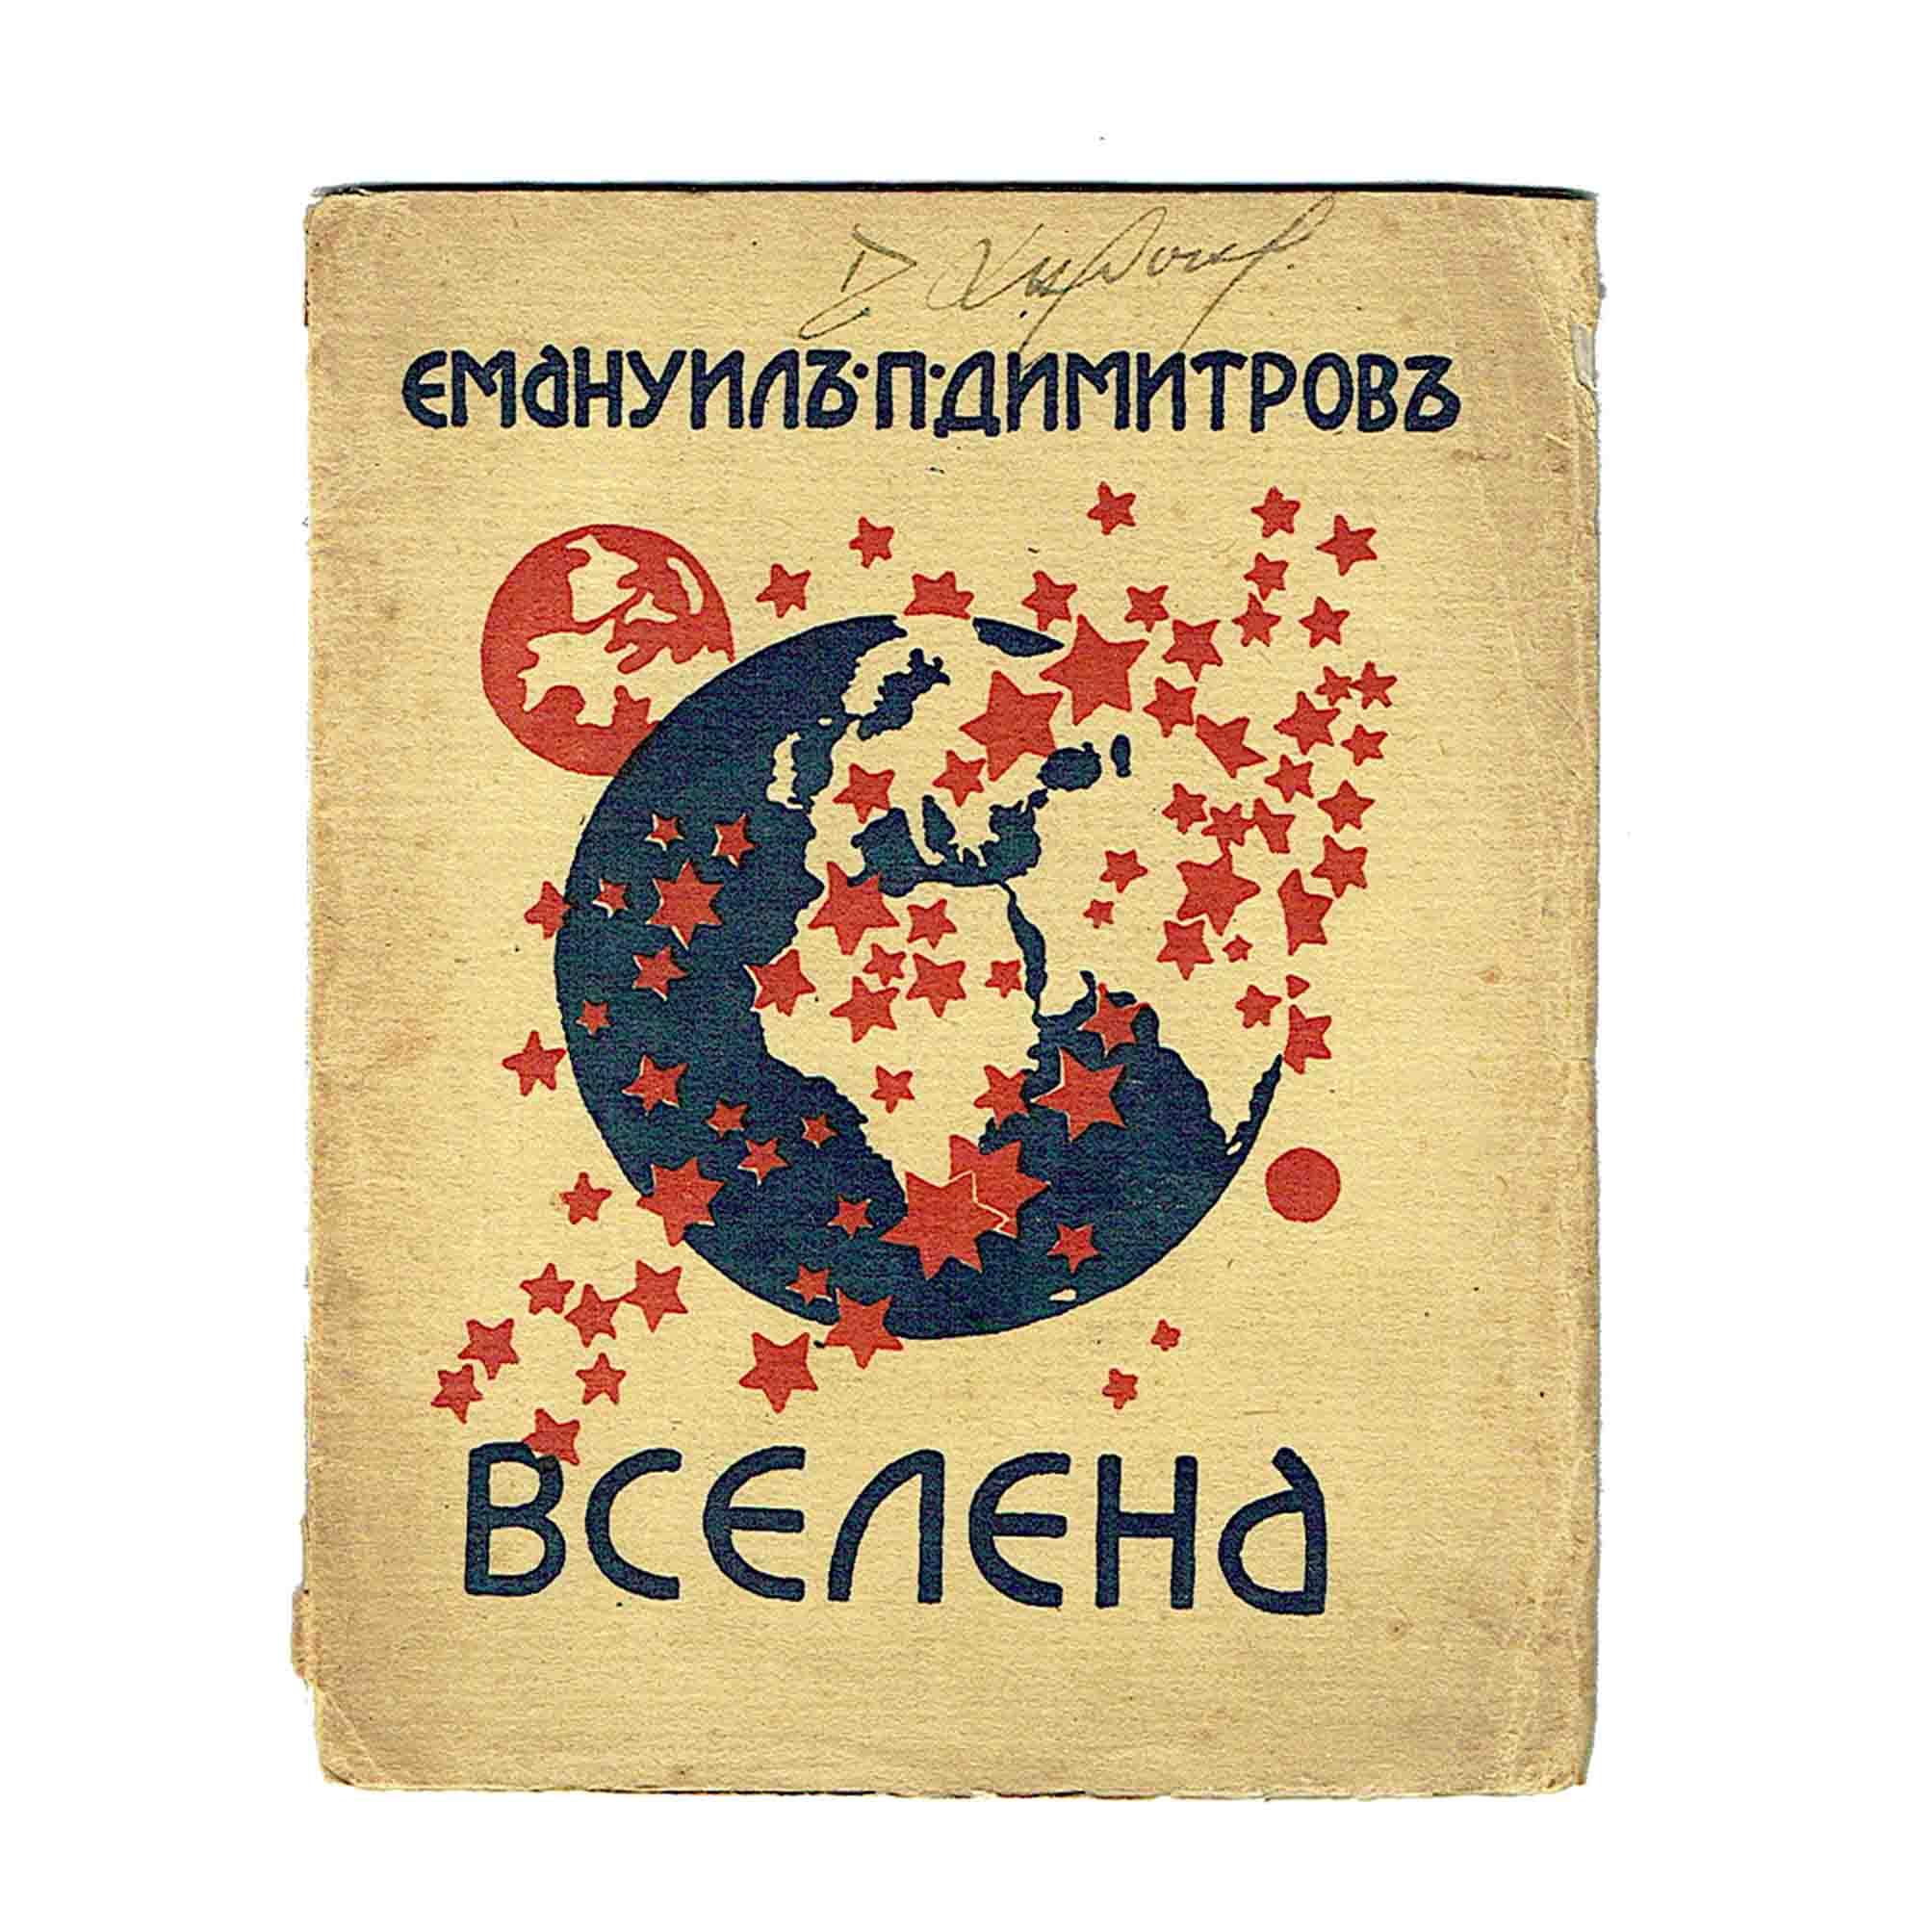 5855-Popdimitrov-Geo-Milev-Vselena-Chipev-1924-Umschlag-frei-N.jpg